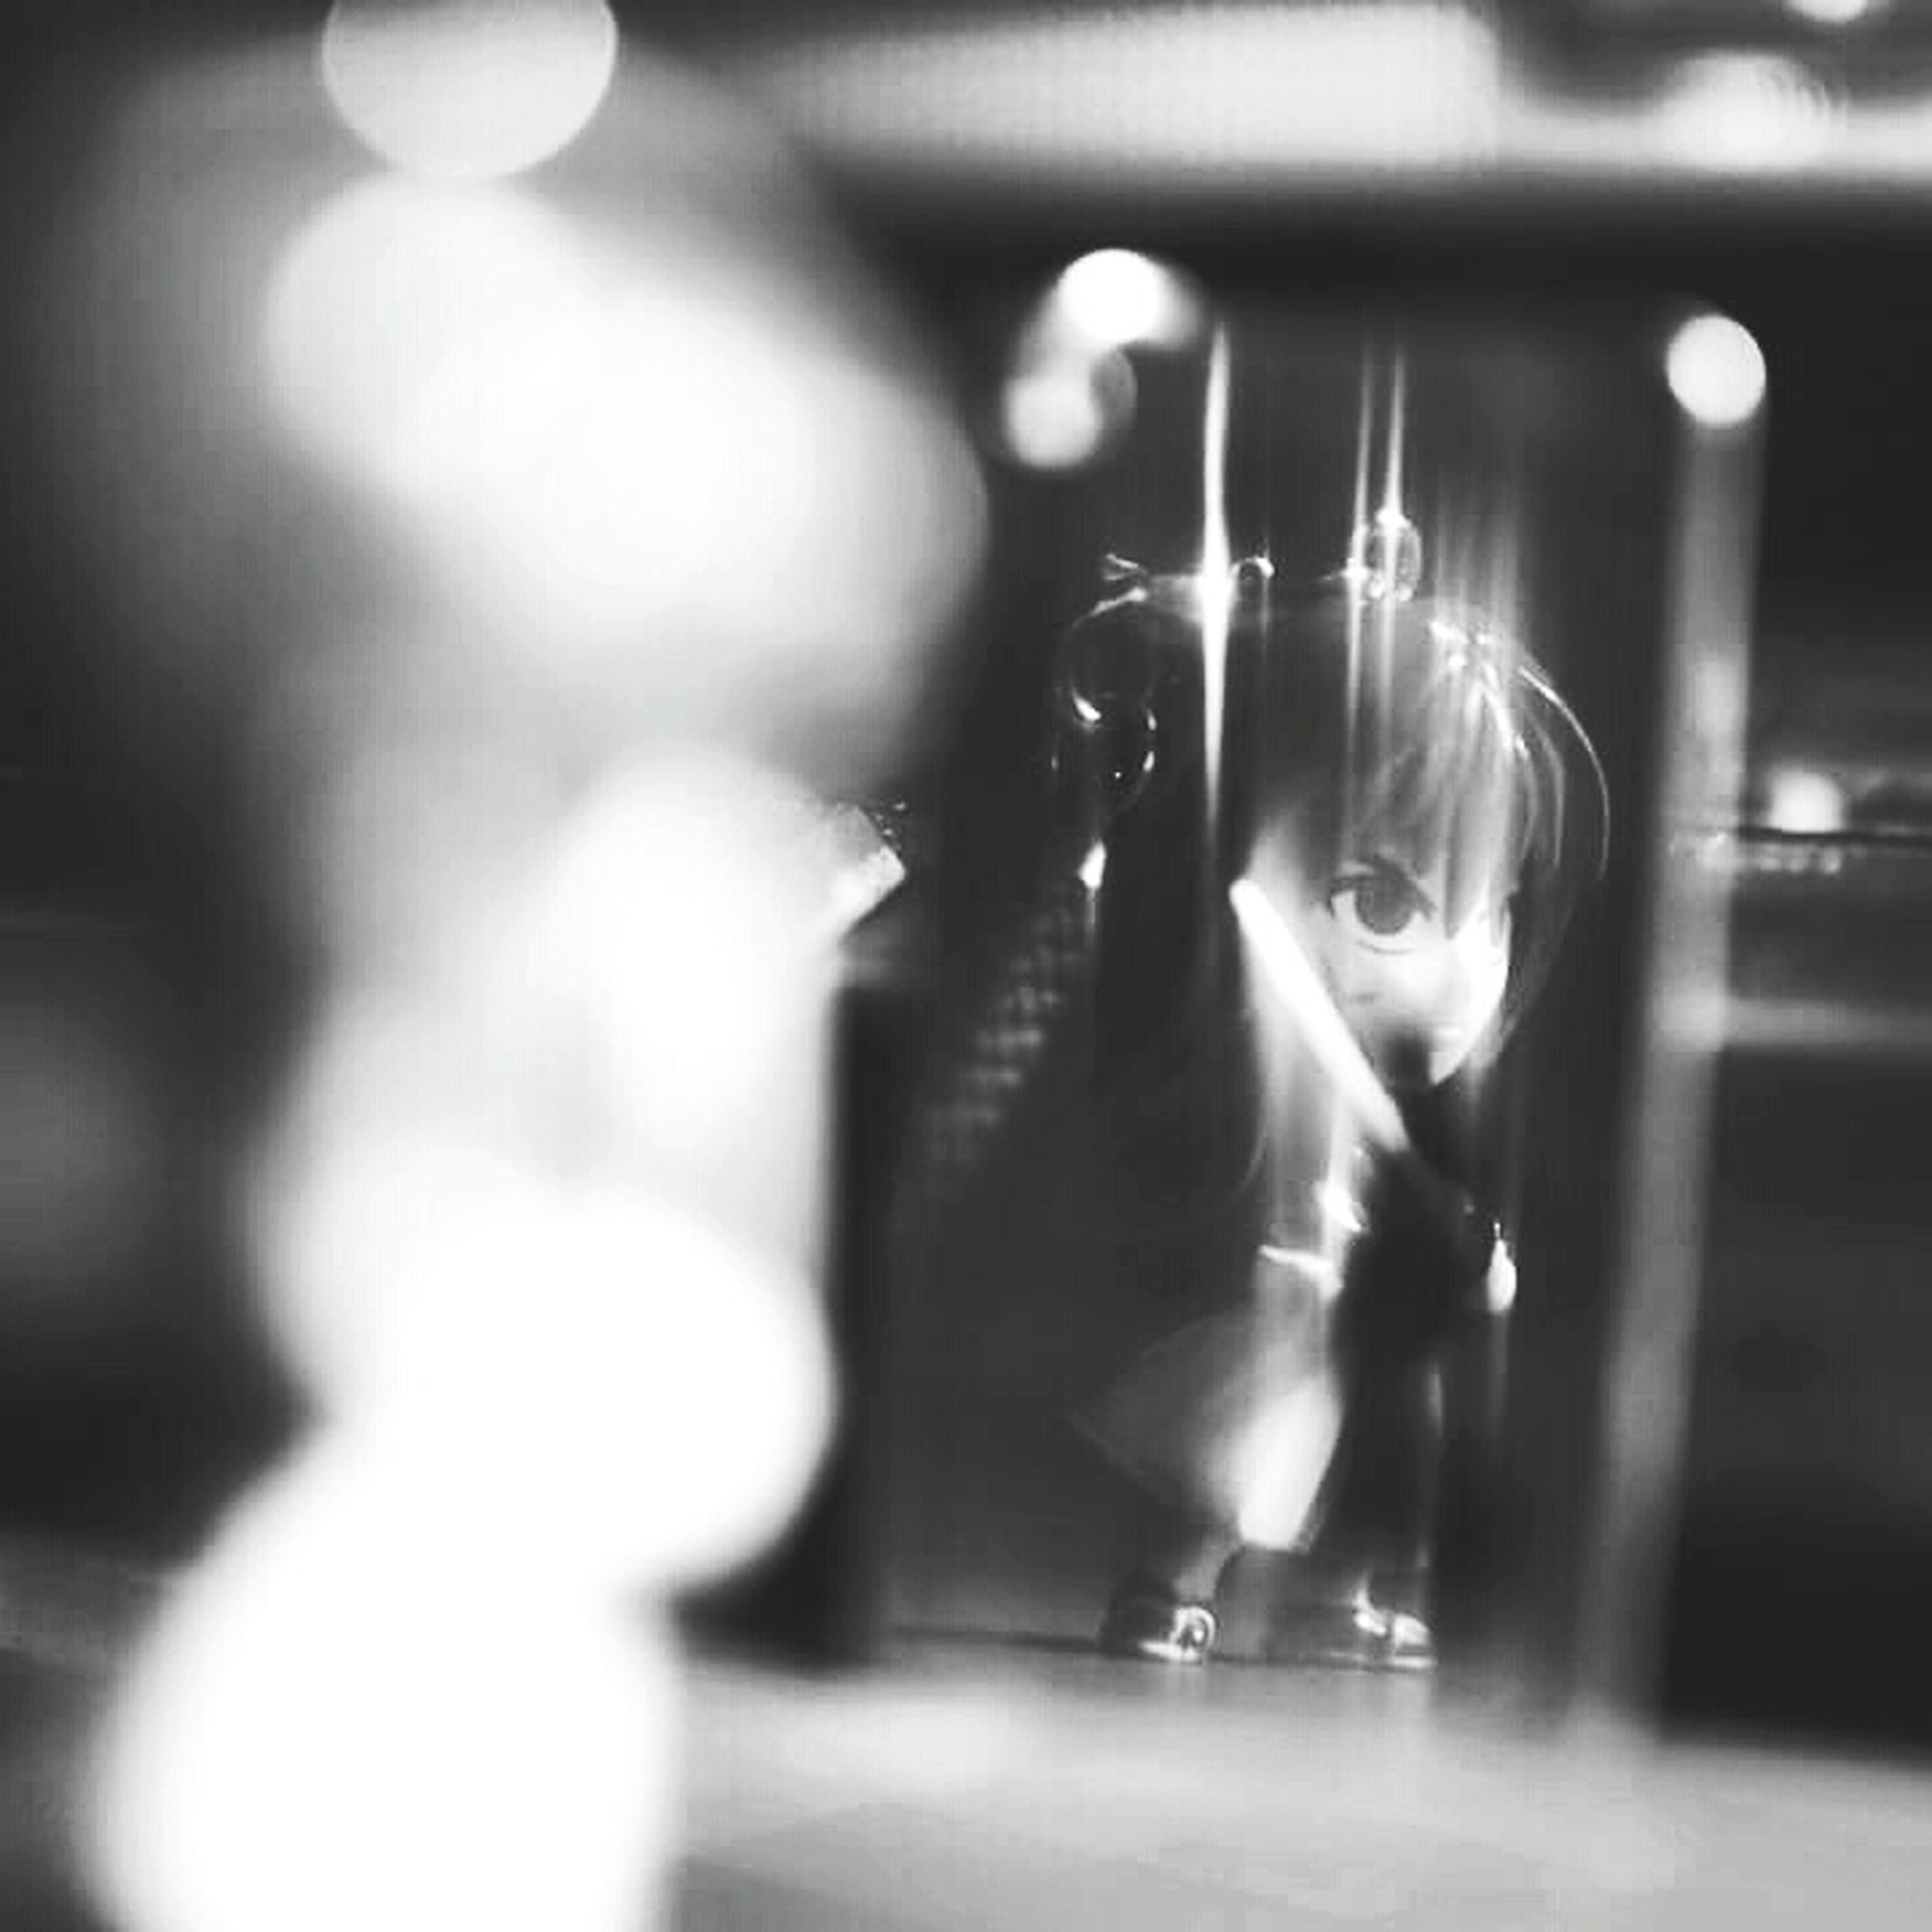 เคนชิน Open Edit Alone Light Blackandwhite Black & White Blackandwhite Photography Japan Toy Cartoon Kenshin Himura